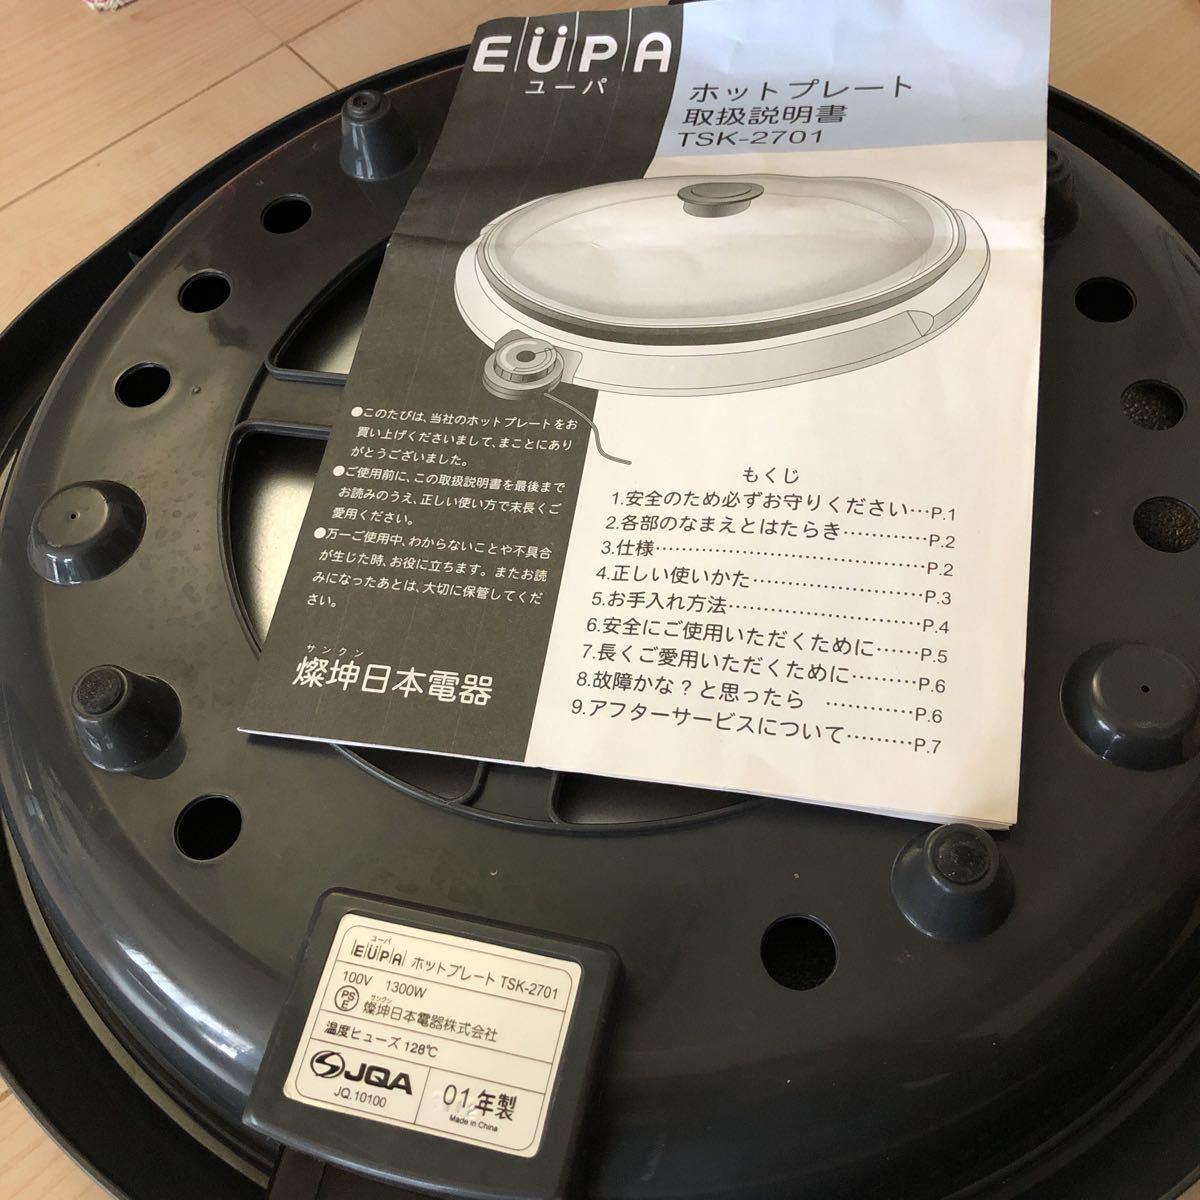 たこ焼き器 & ホットプレート 2台セット 家庭用 バーベキュー 取扱説明書付 動作確認済み プレートにハゲ有りの為ジャンク品です